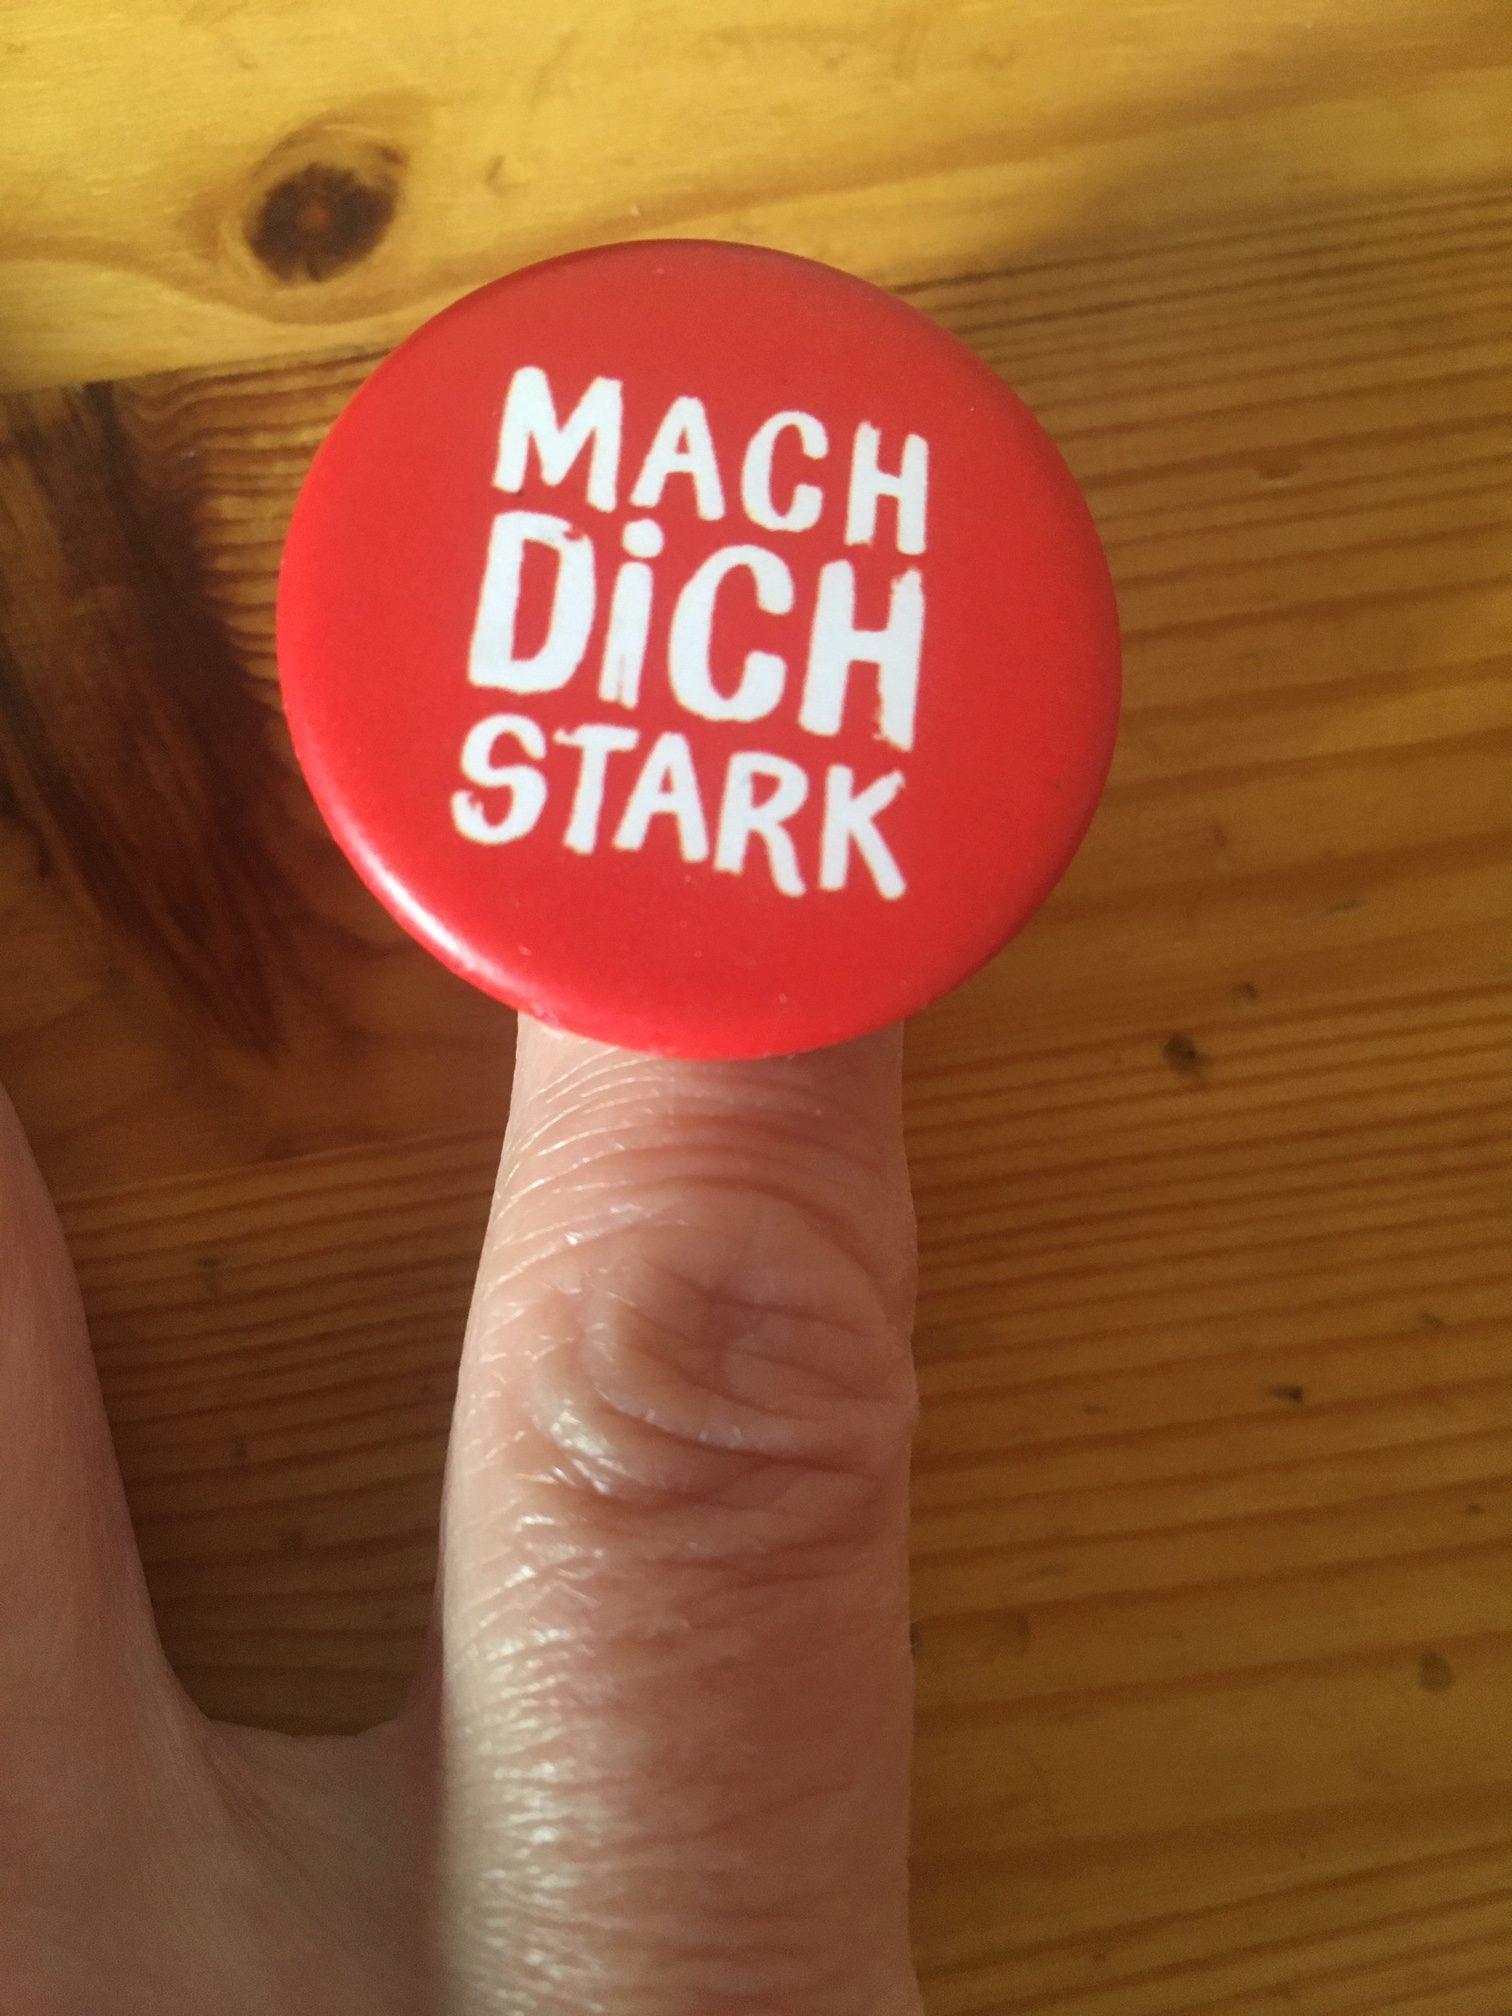 Der Zeigefinger einer Hand mit einem runden, roten Button. Im Hintergrund ein Holztisch.